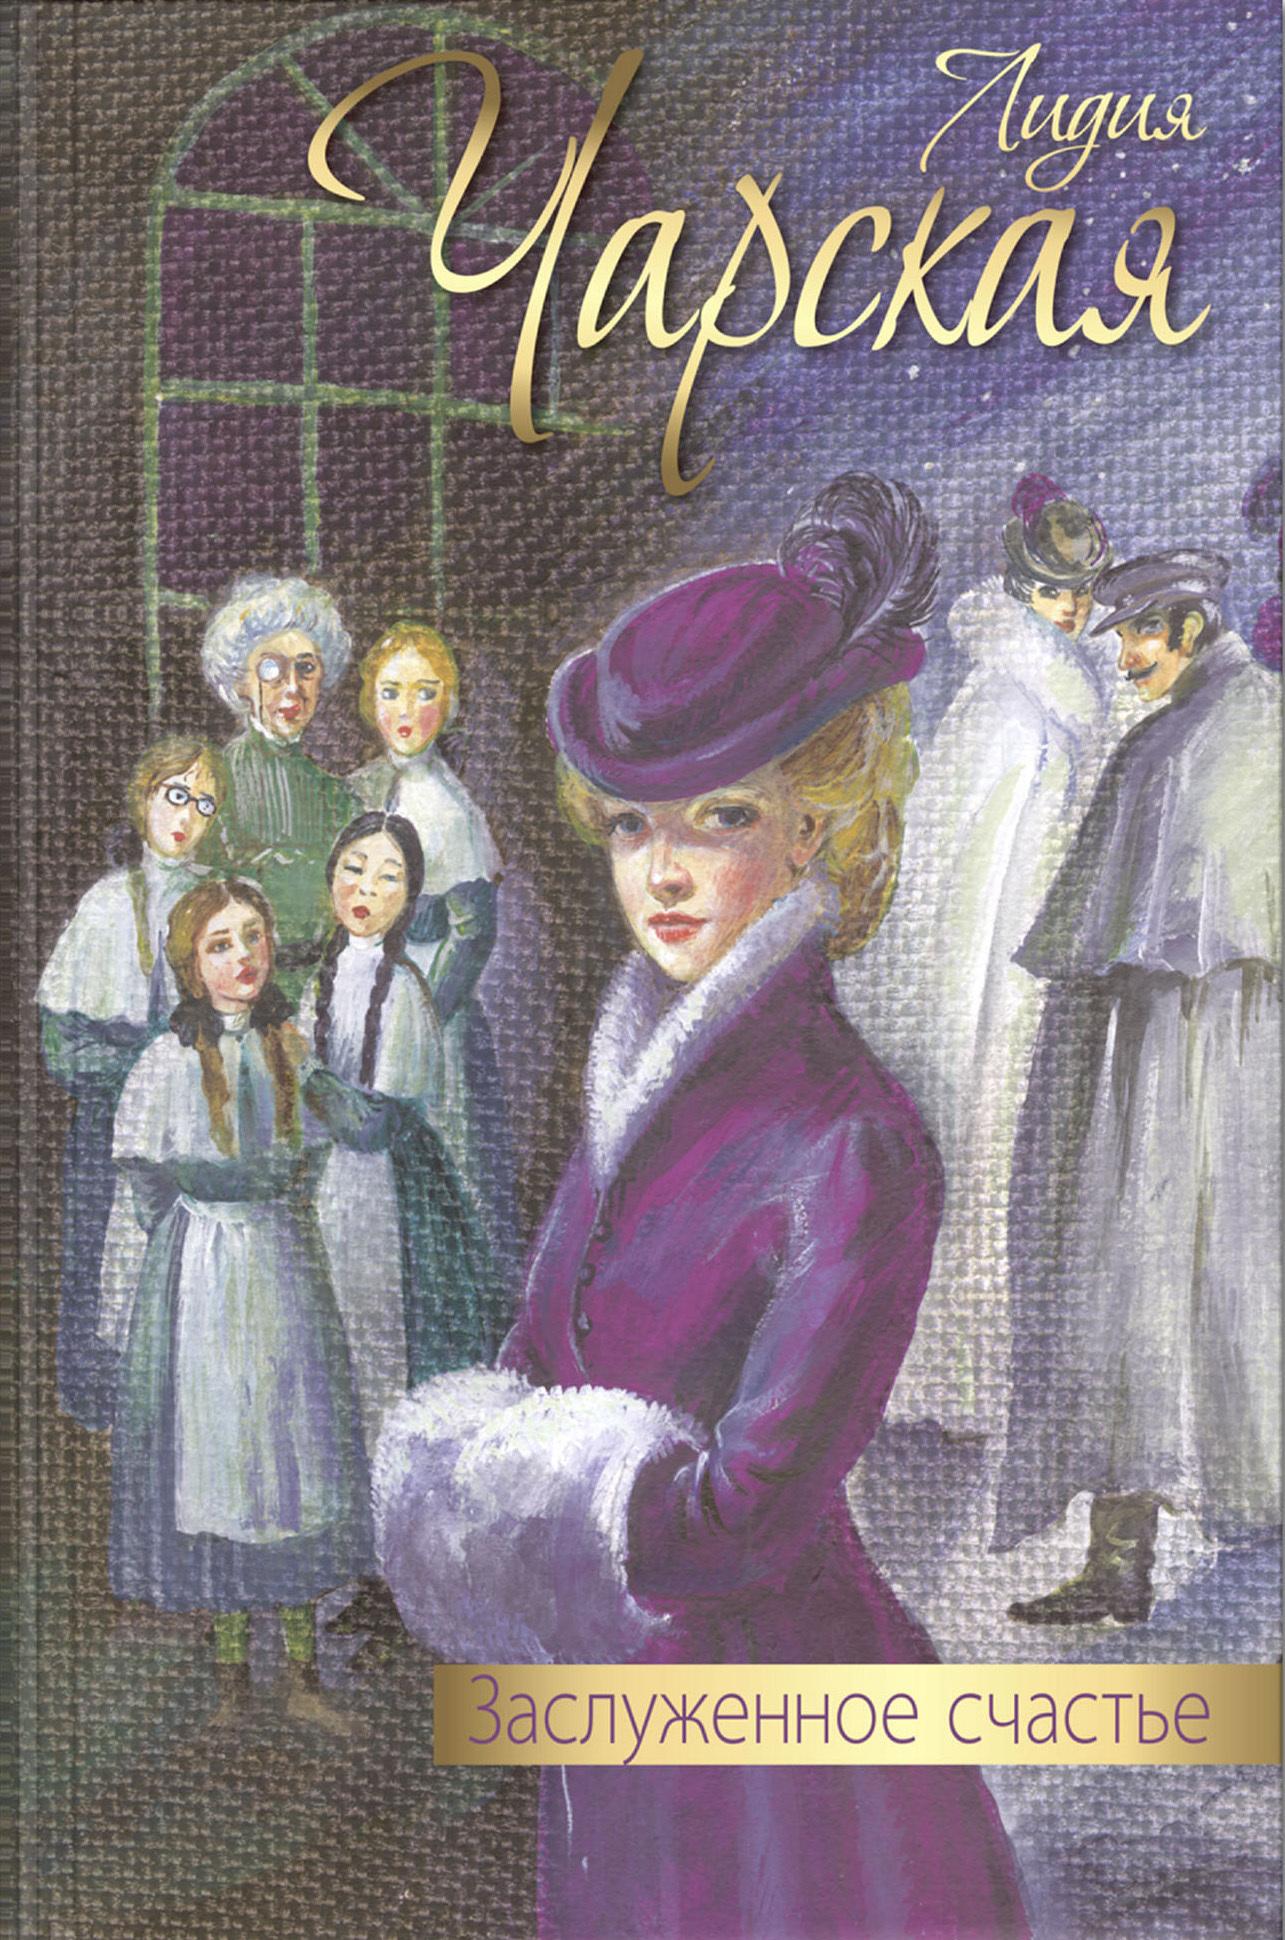 Лидия Чарская Заслуженное счастье (сборник) чарская лидия алексеевна лизочкино счастье